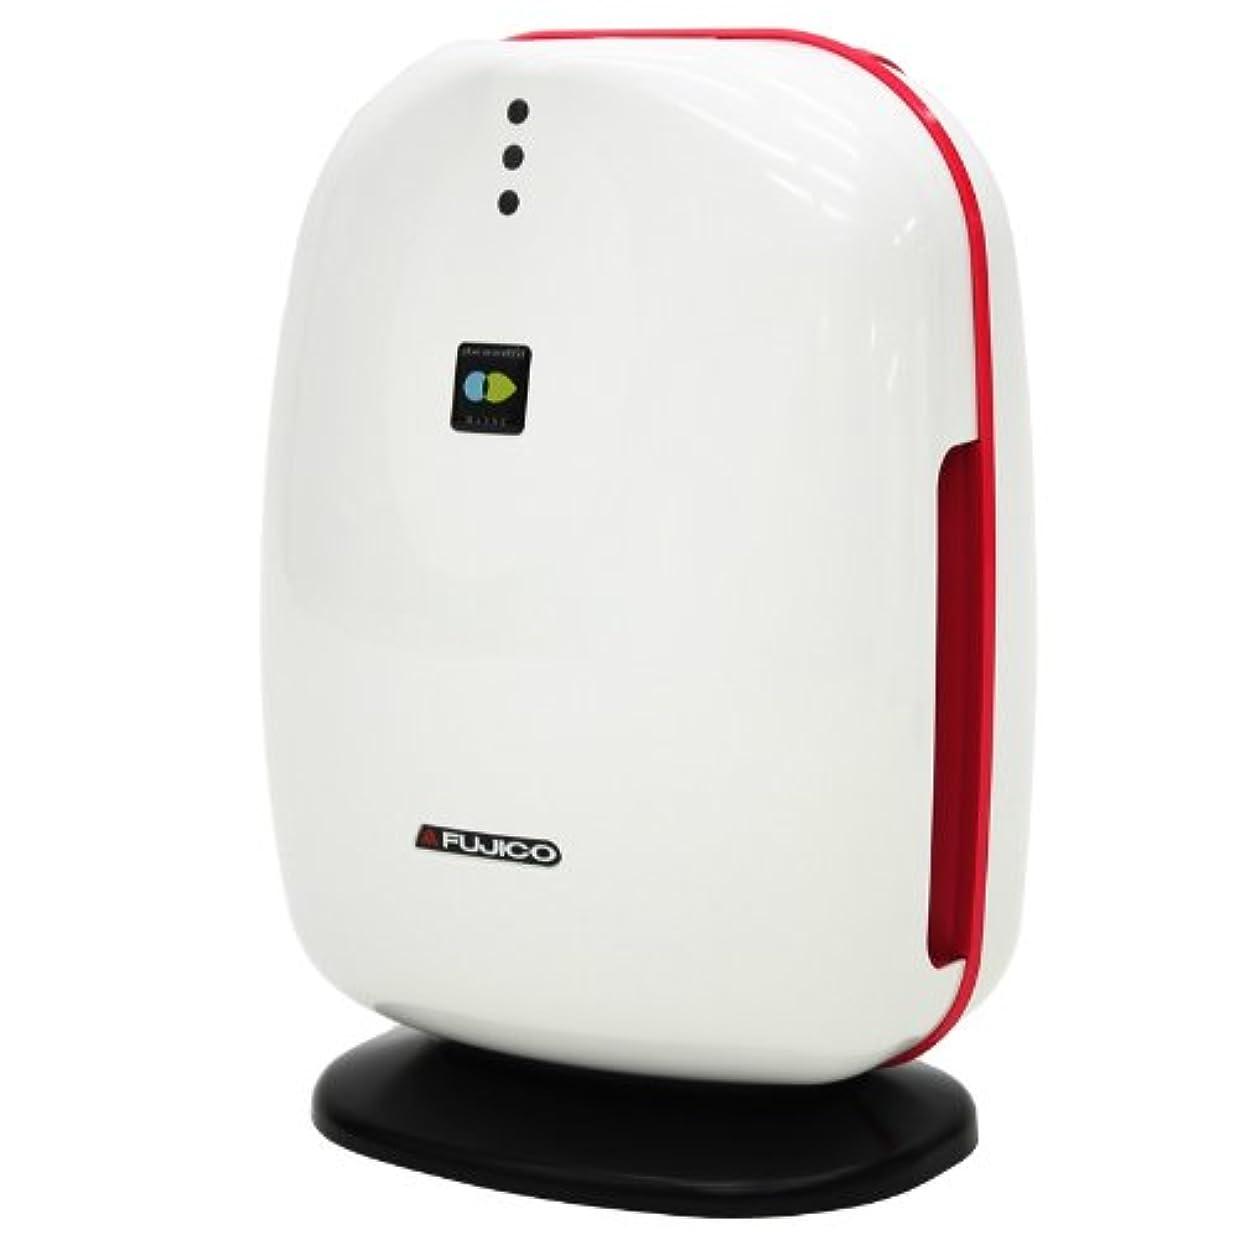 囚人鬼ごっこ居住者空気消臭除菌装置マスククリーンMC-V2 ピンク